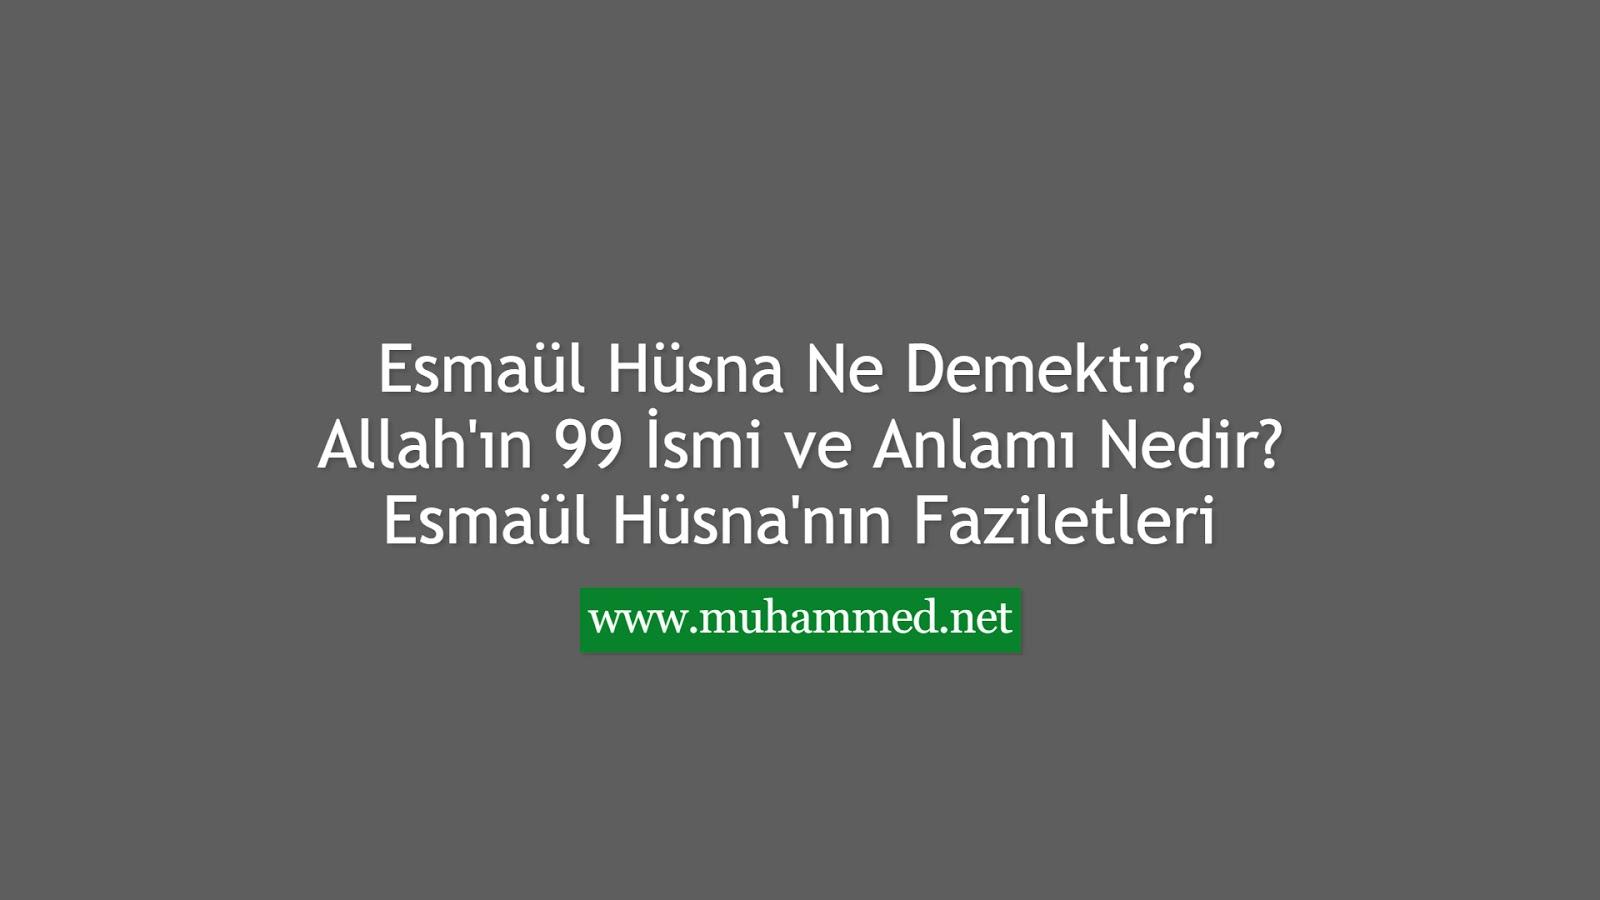 Esmaül Hüsna Ne Demektir? Allah'ın 99 İsmi ve Anlamı Nedir? Esmaül Hüsna'nın Faziletleri